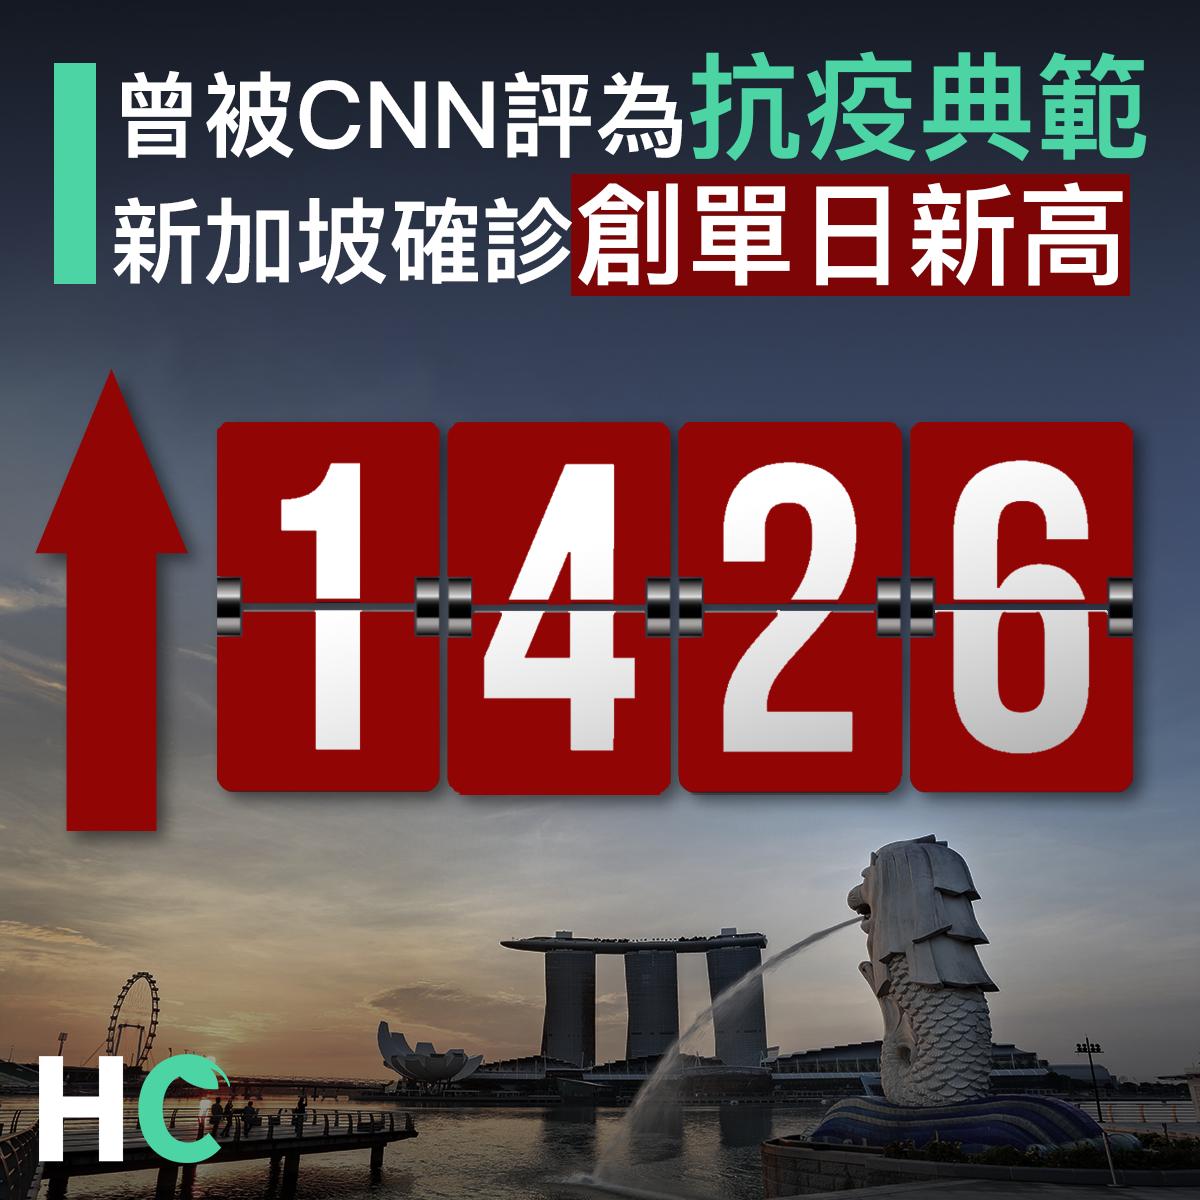 【#武漢肺炎】曾被CNN評為抗疫典範 新加坡單日確診1,426宗